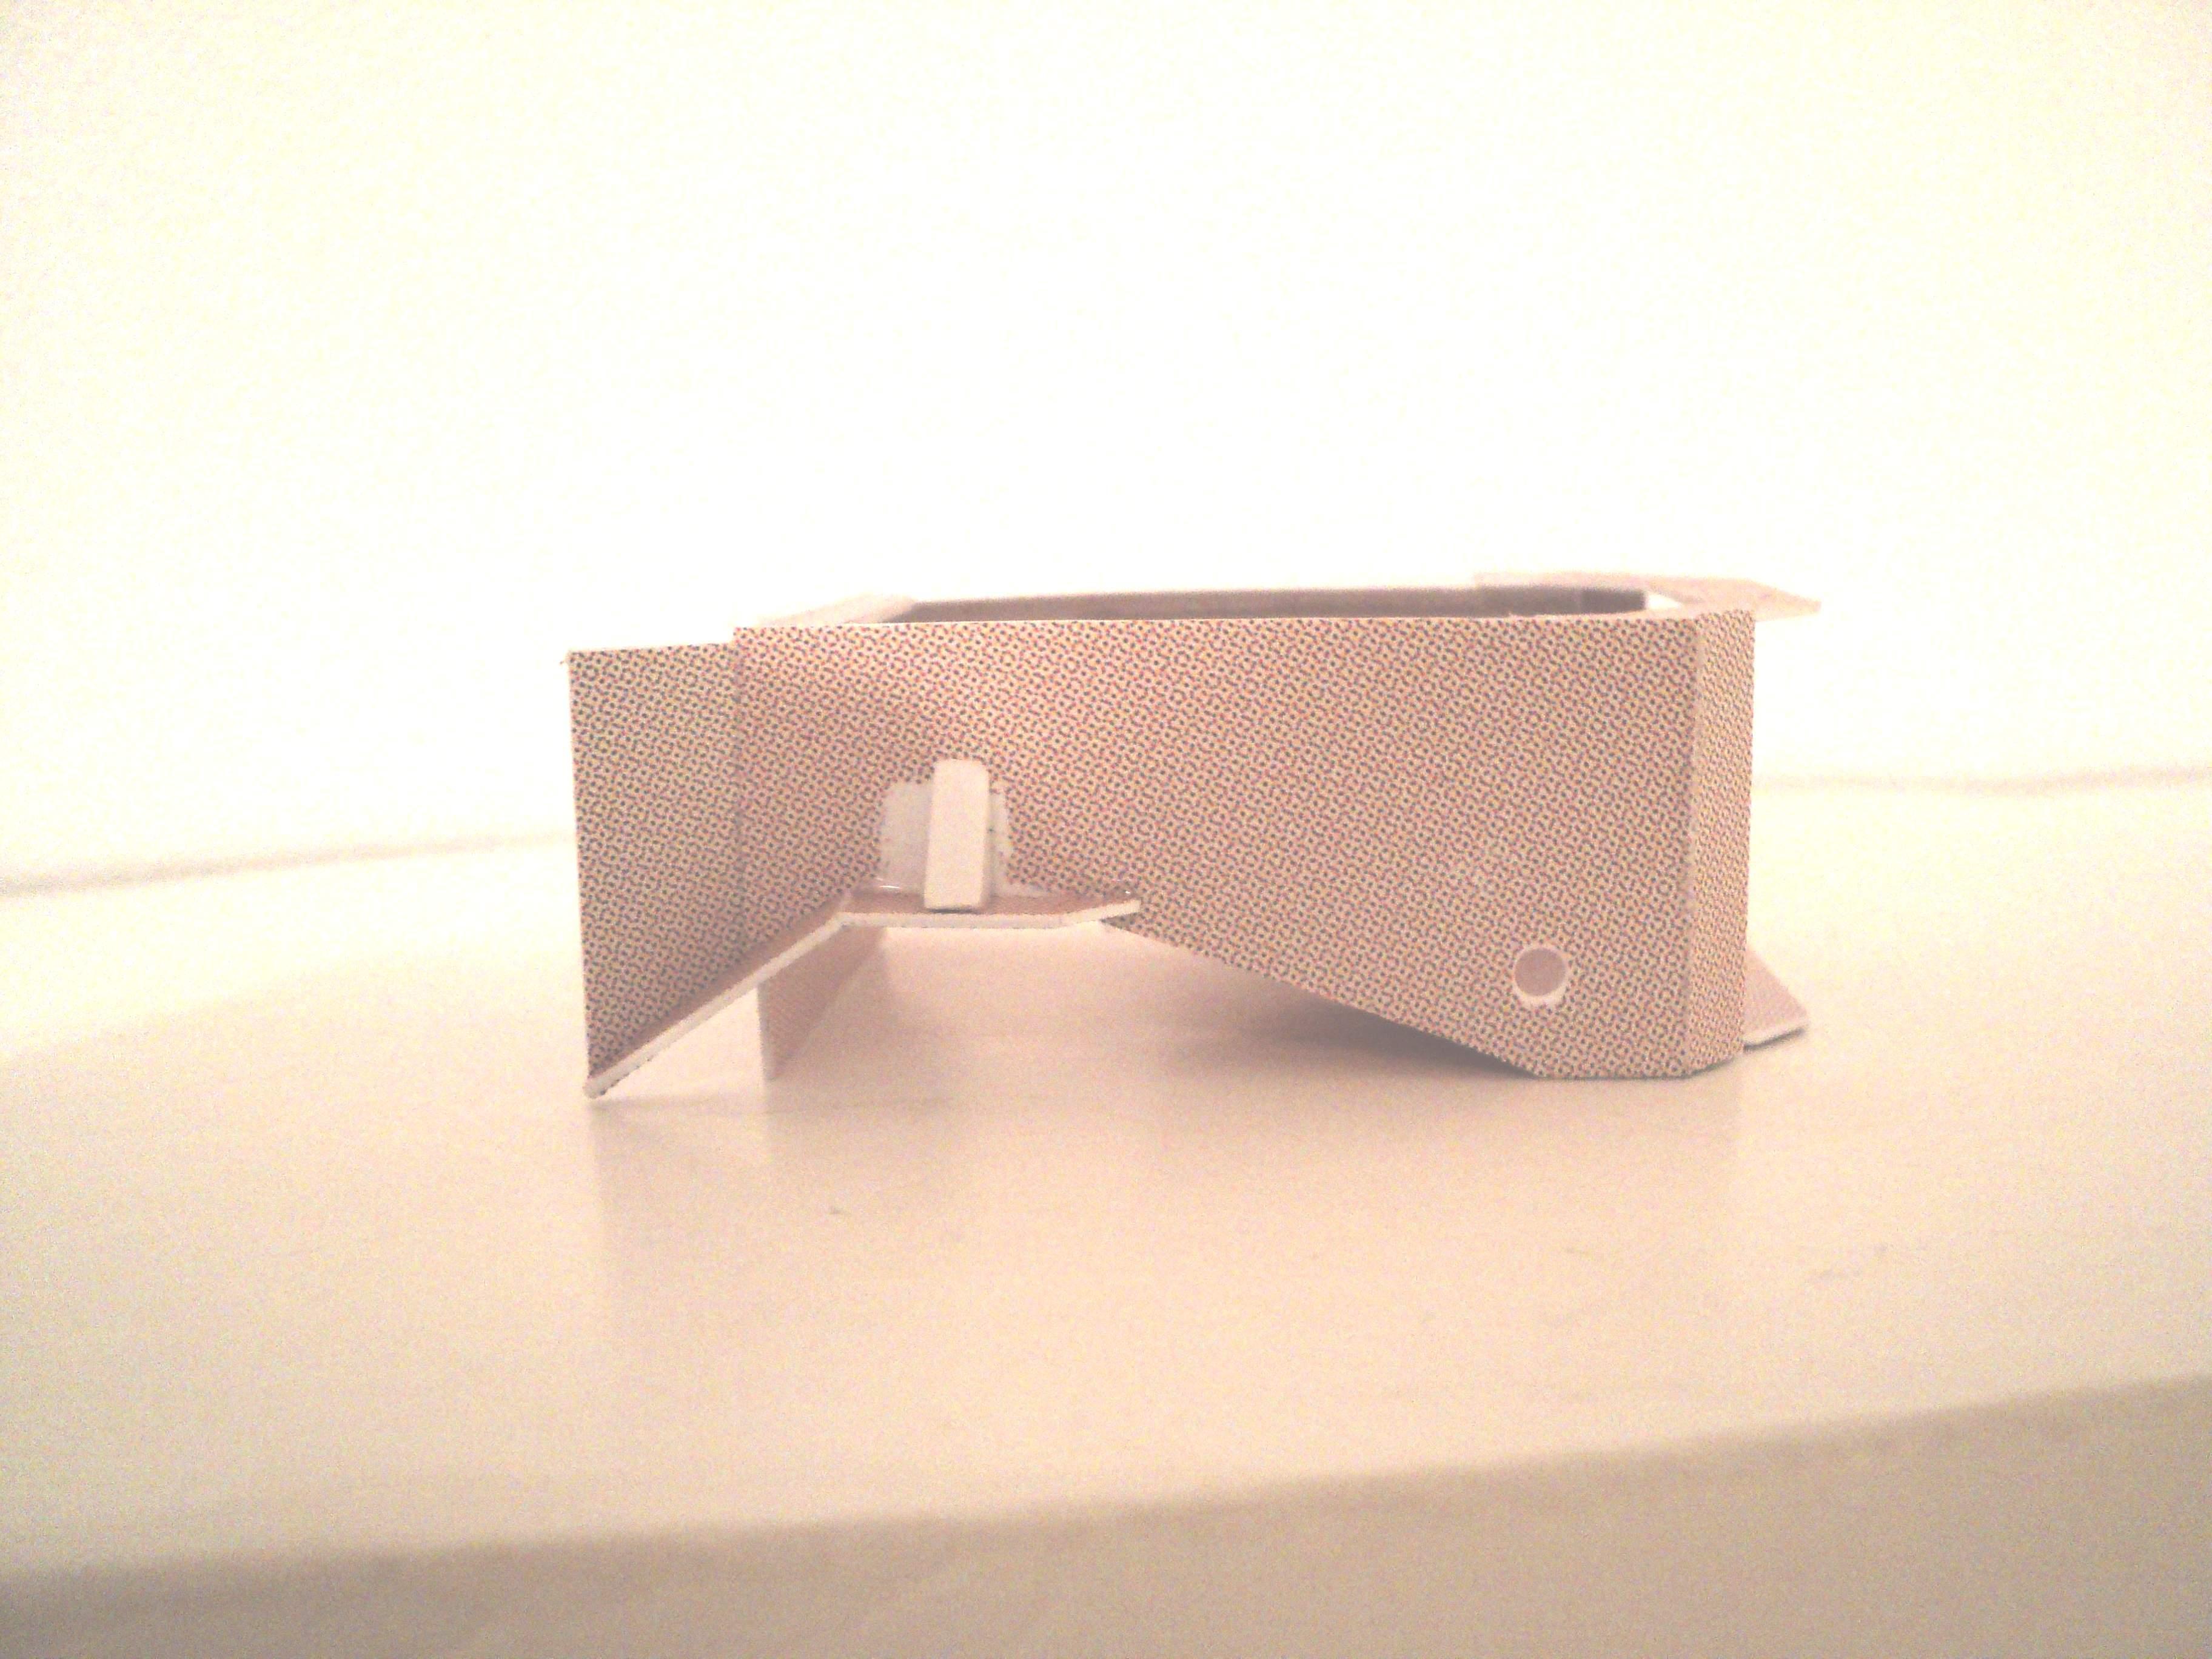 TIMBERJACK 240 (scratchbuilt) 781696Timberjack07Partiearrireenconstruction